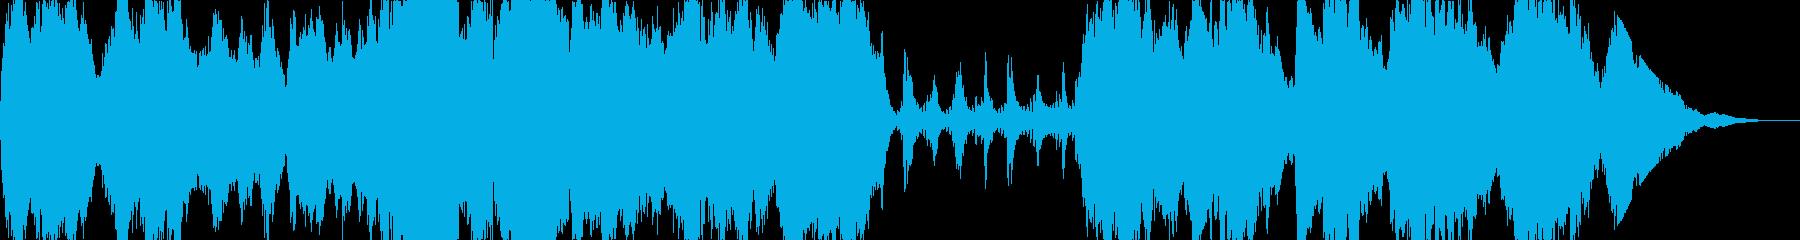 たそがれたい時に聴く曲の再生済みの波形